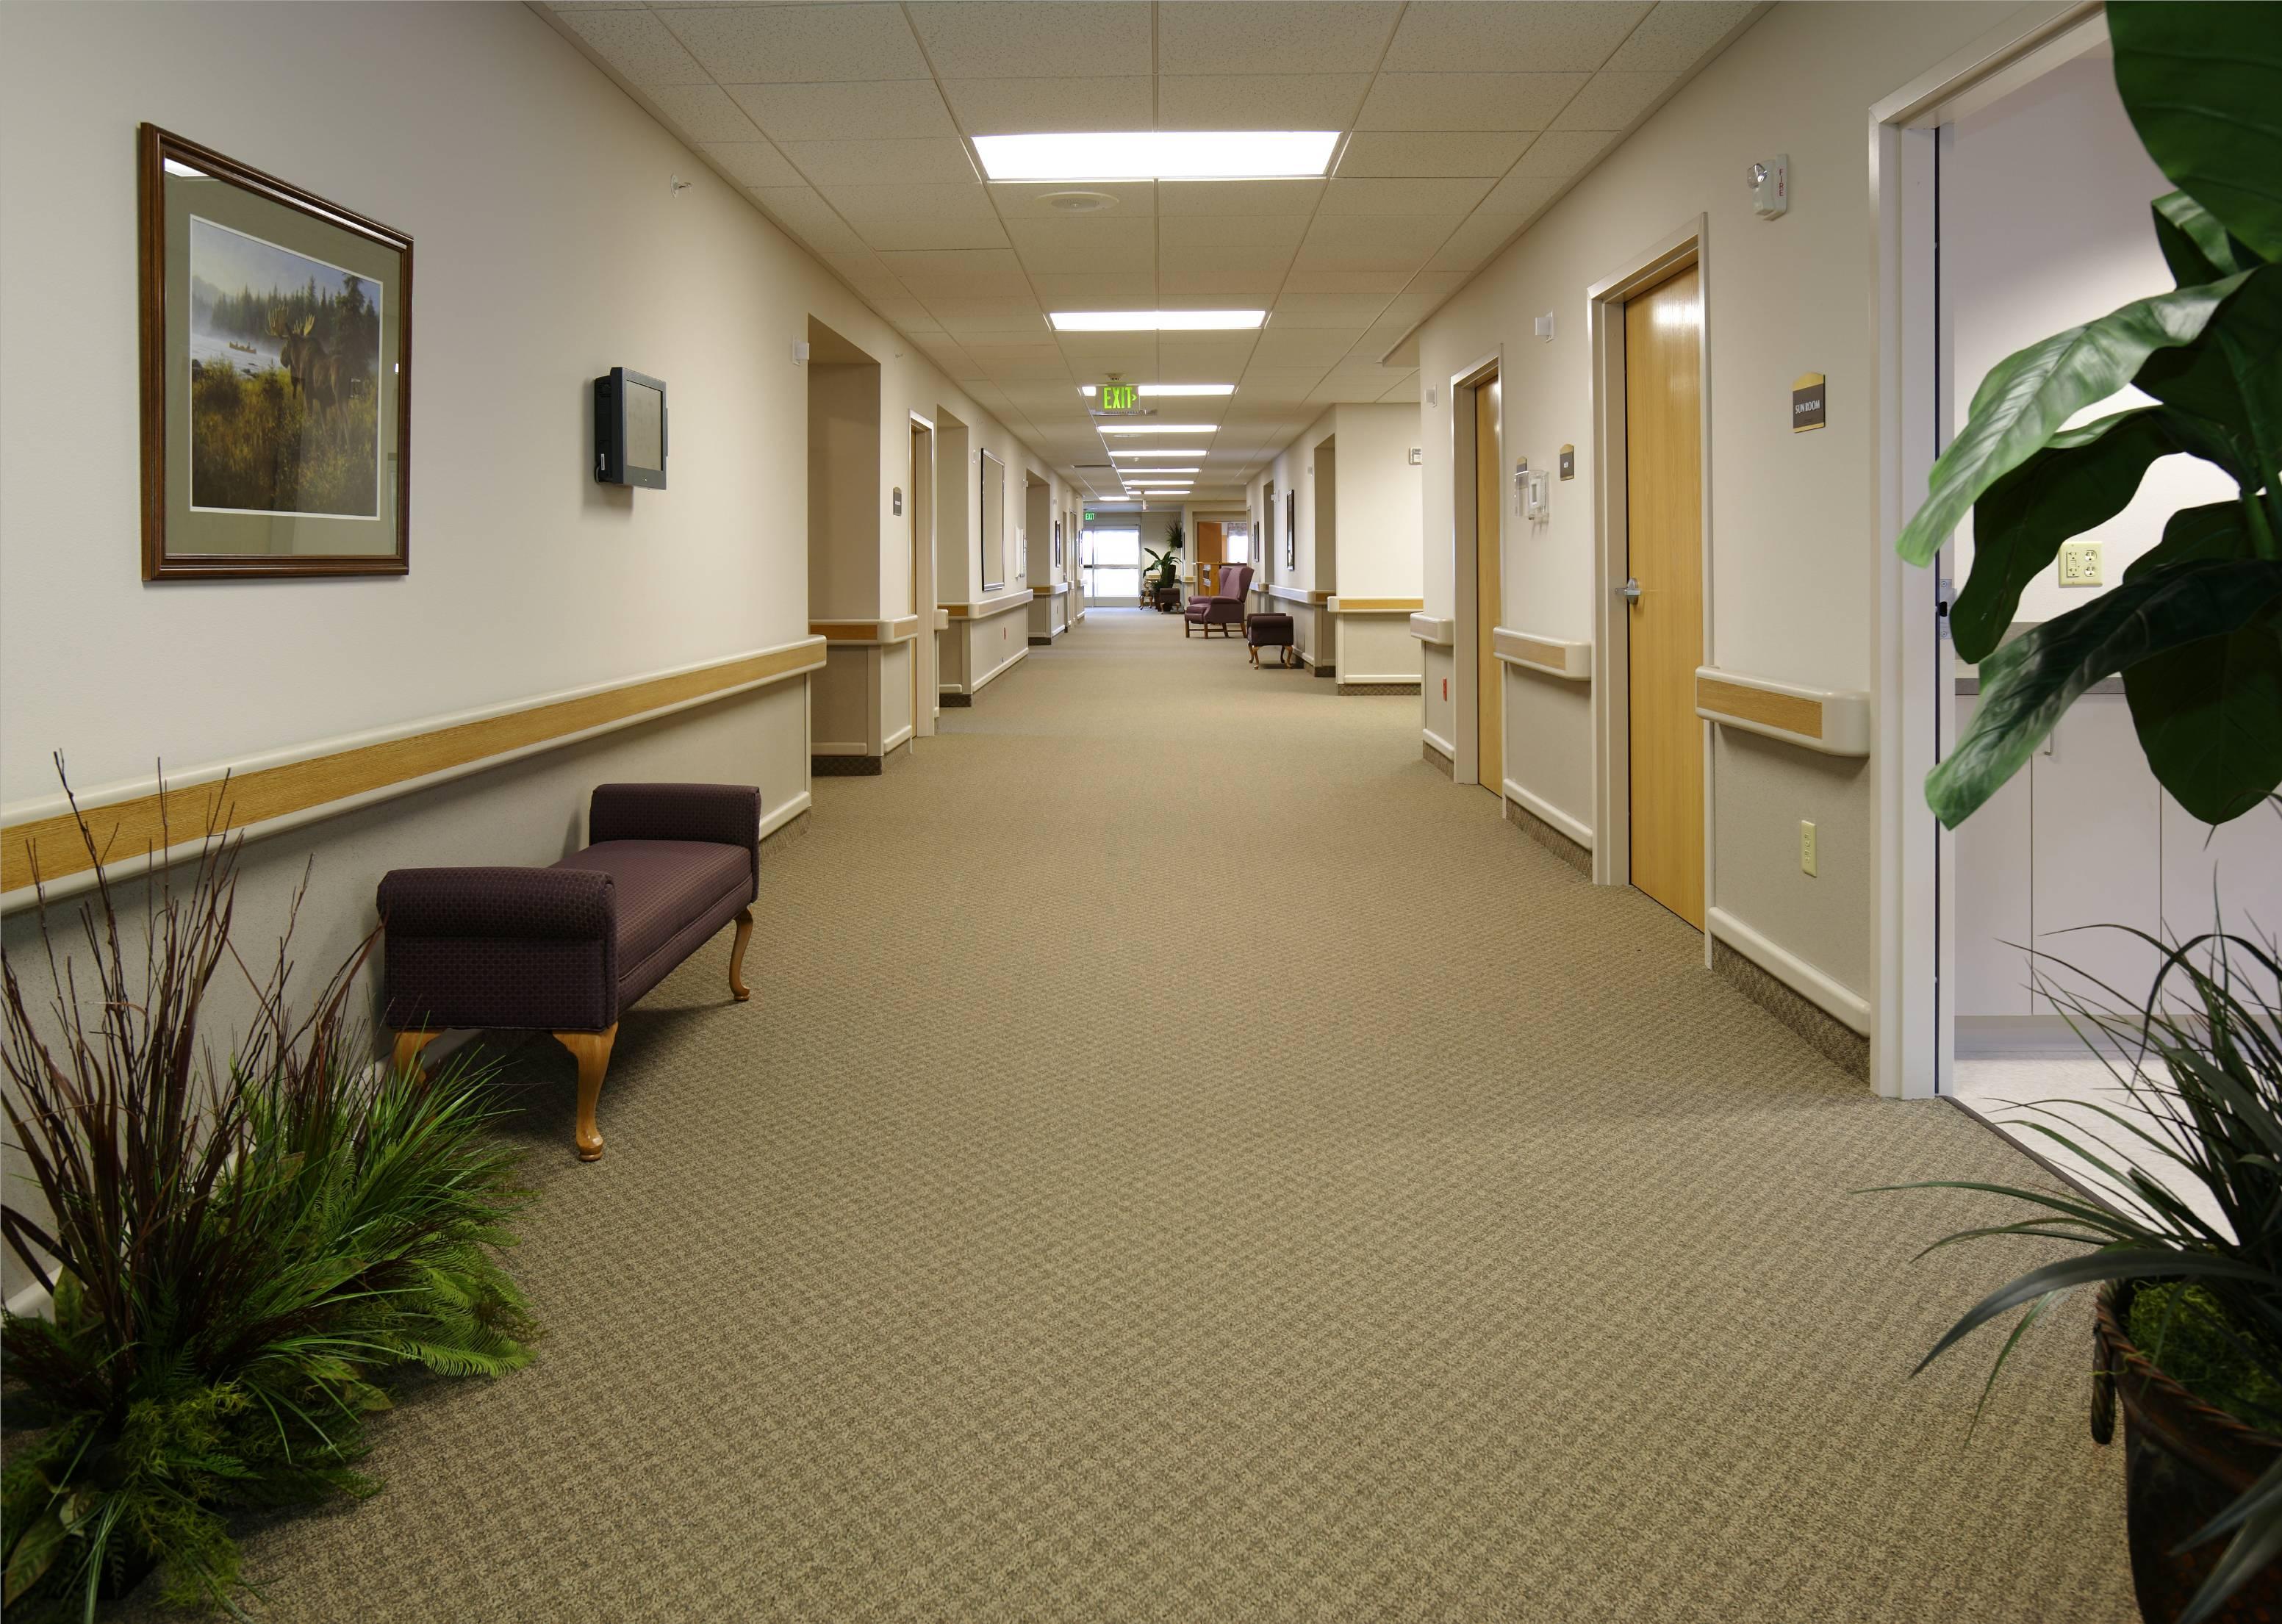 Interior of Main Facility